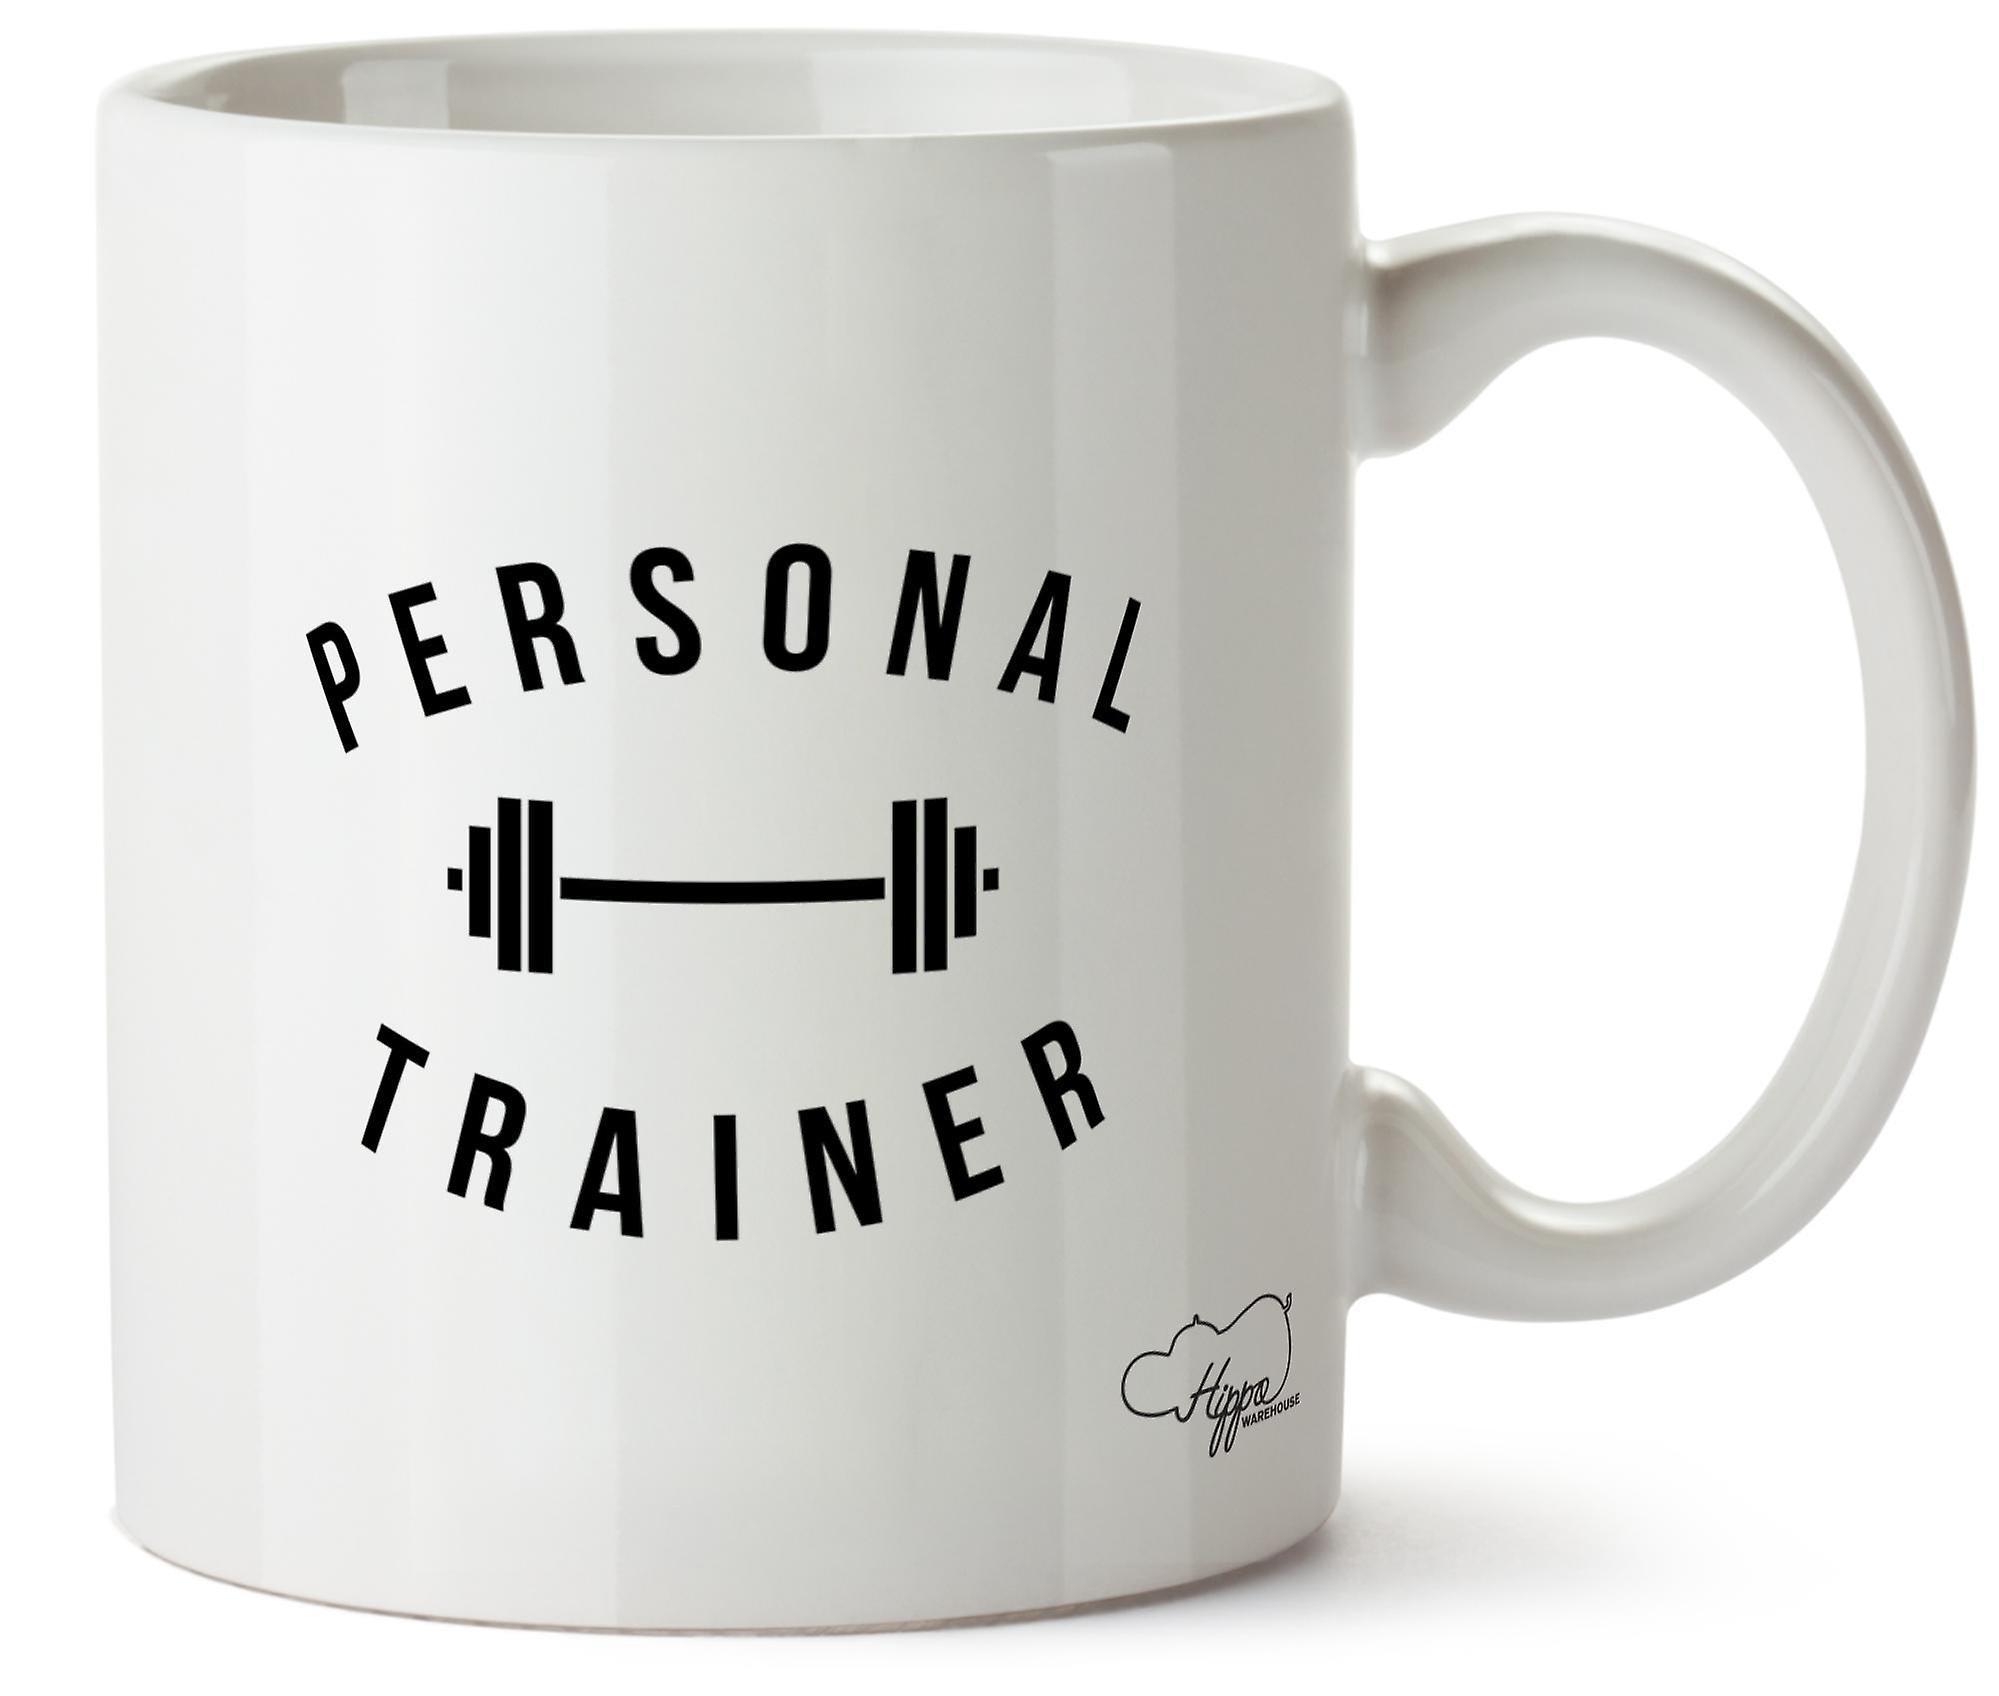 Hippowarehouse Personal Trainer Printed Mug Cup Ceramic 10oz